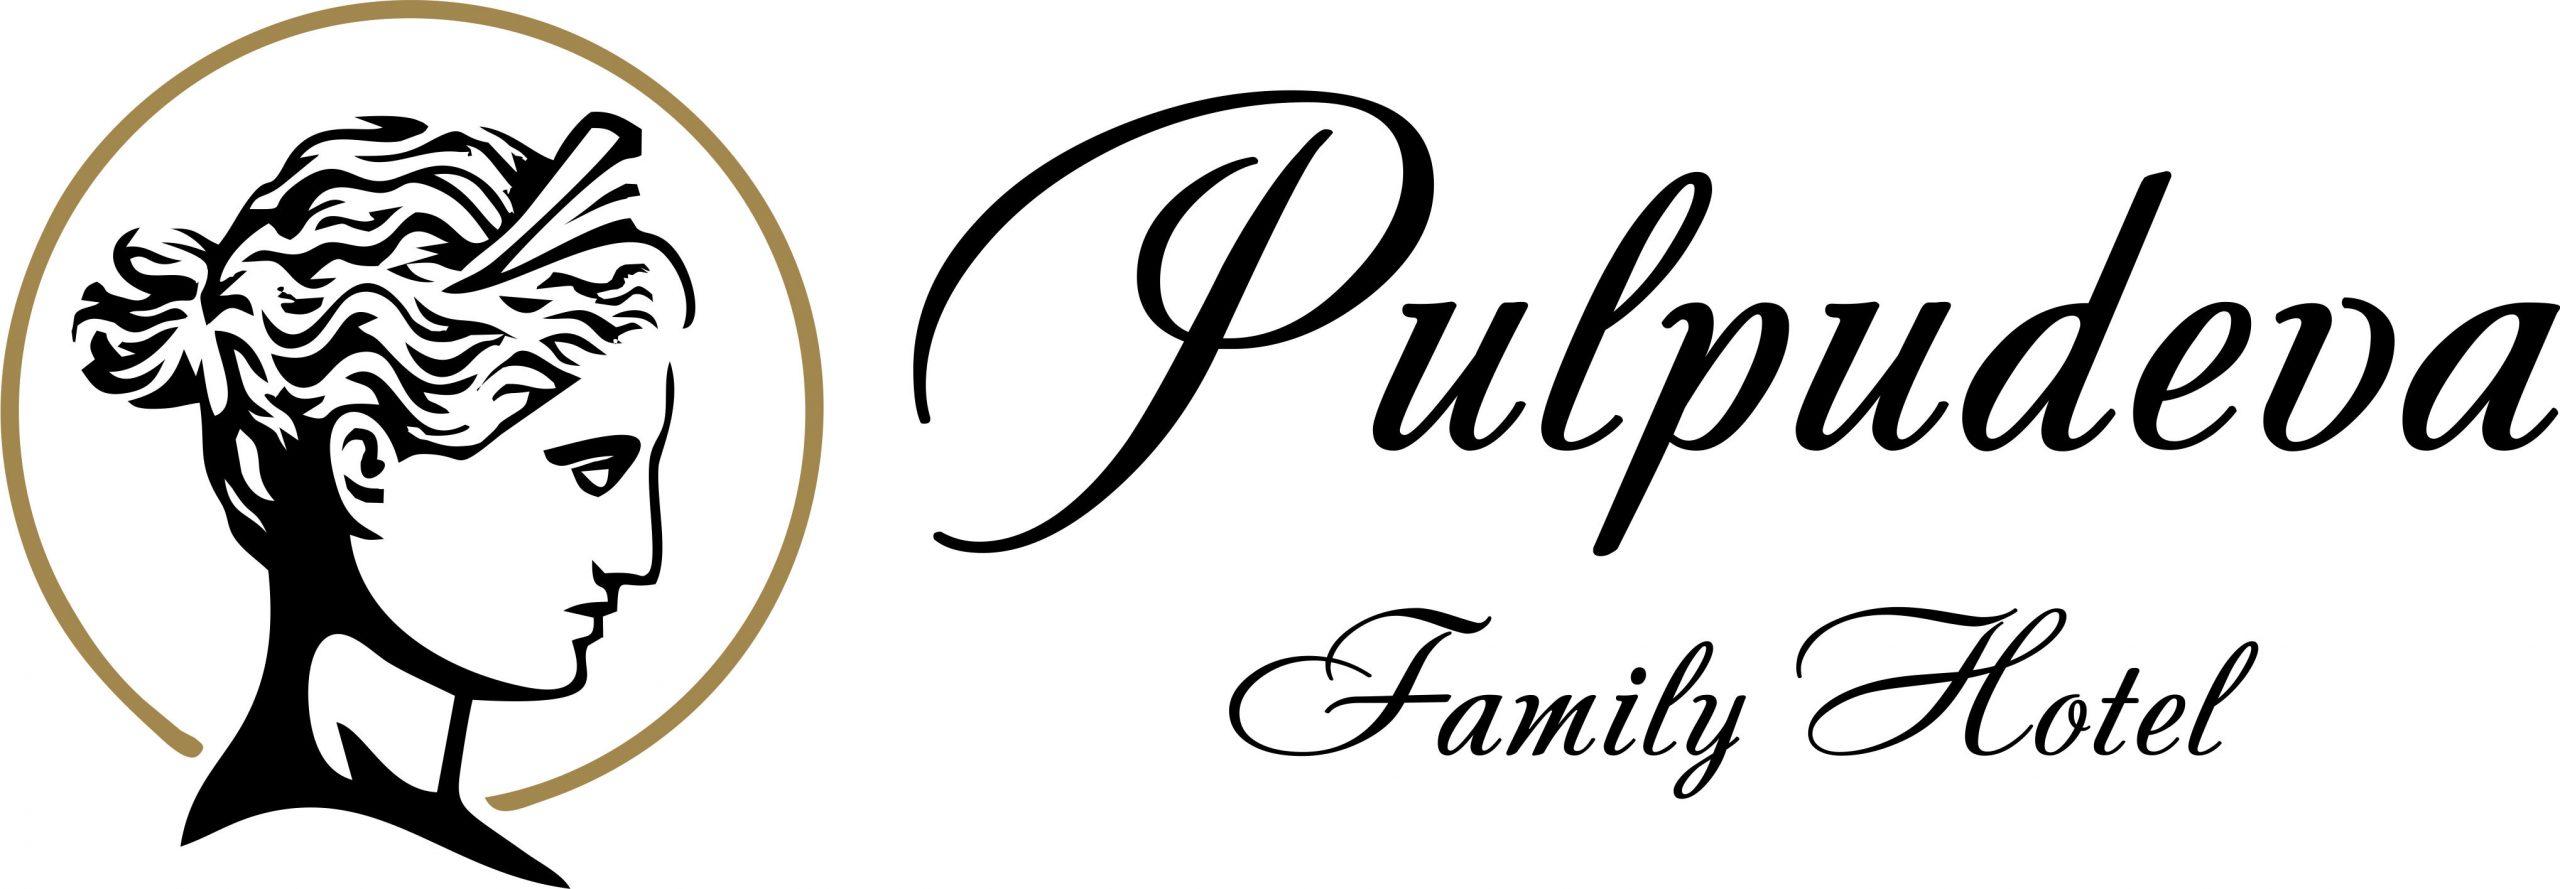 Pulpudeva